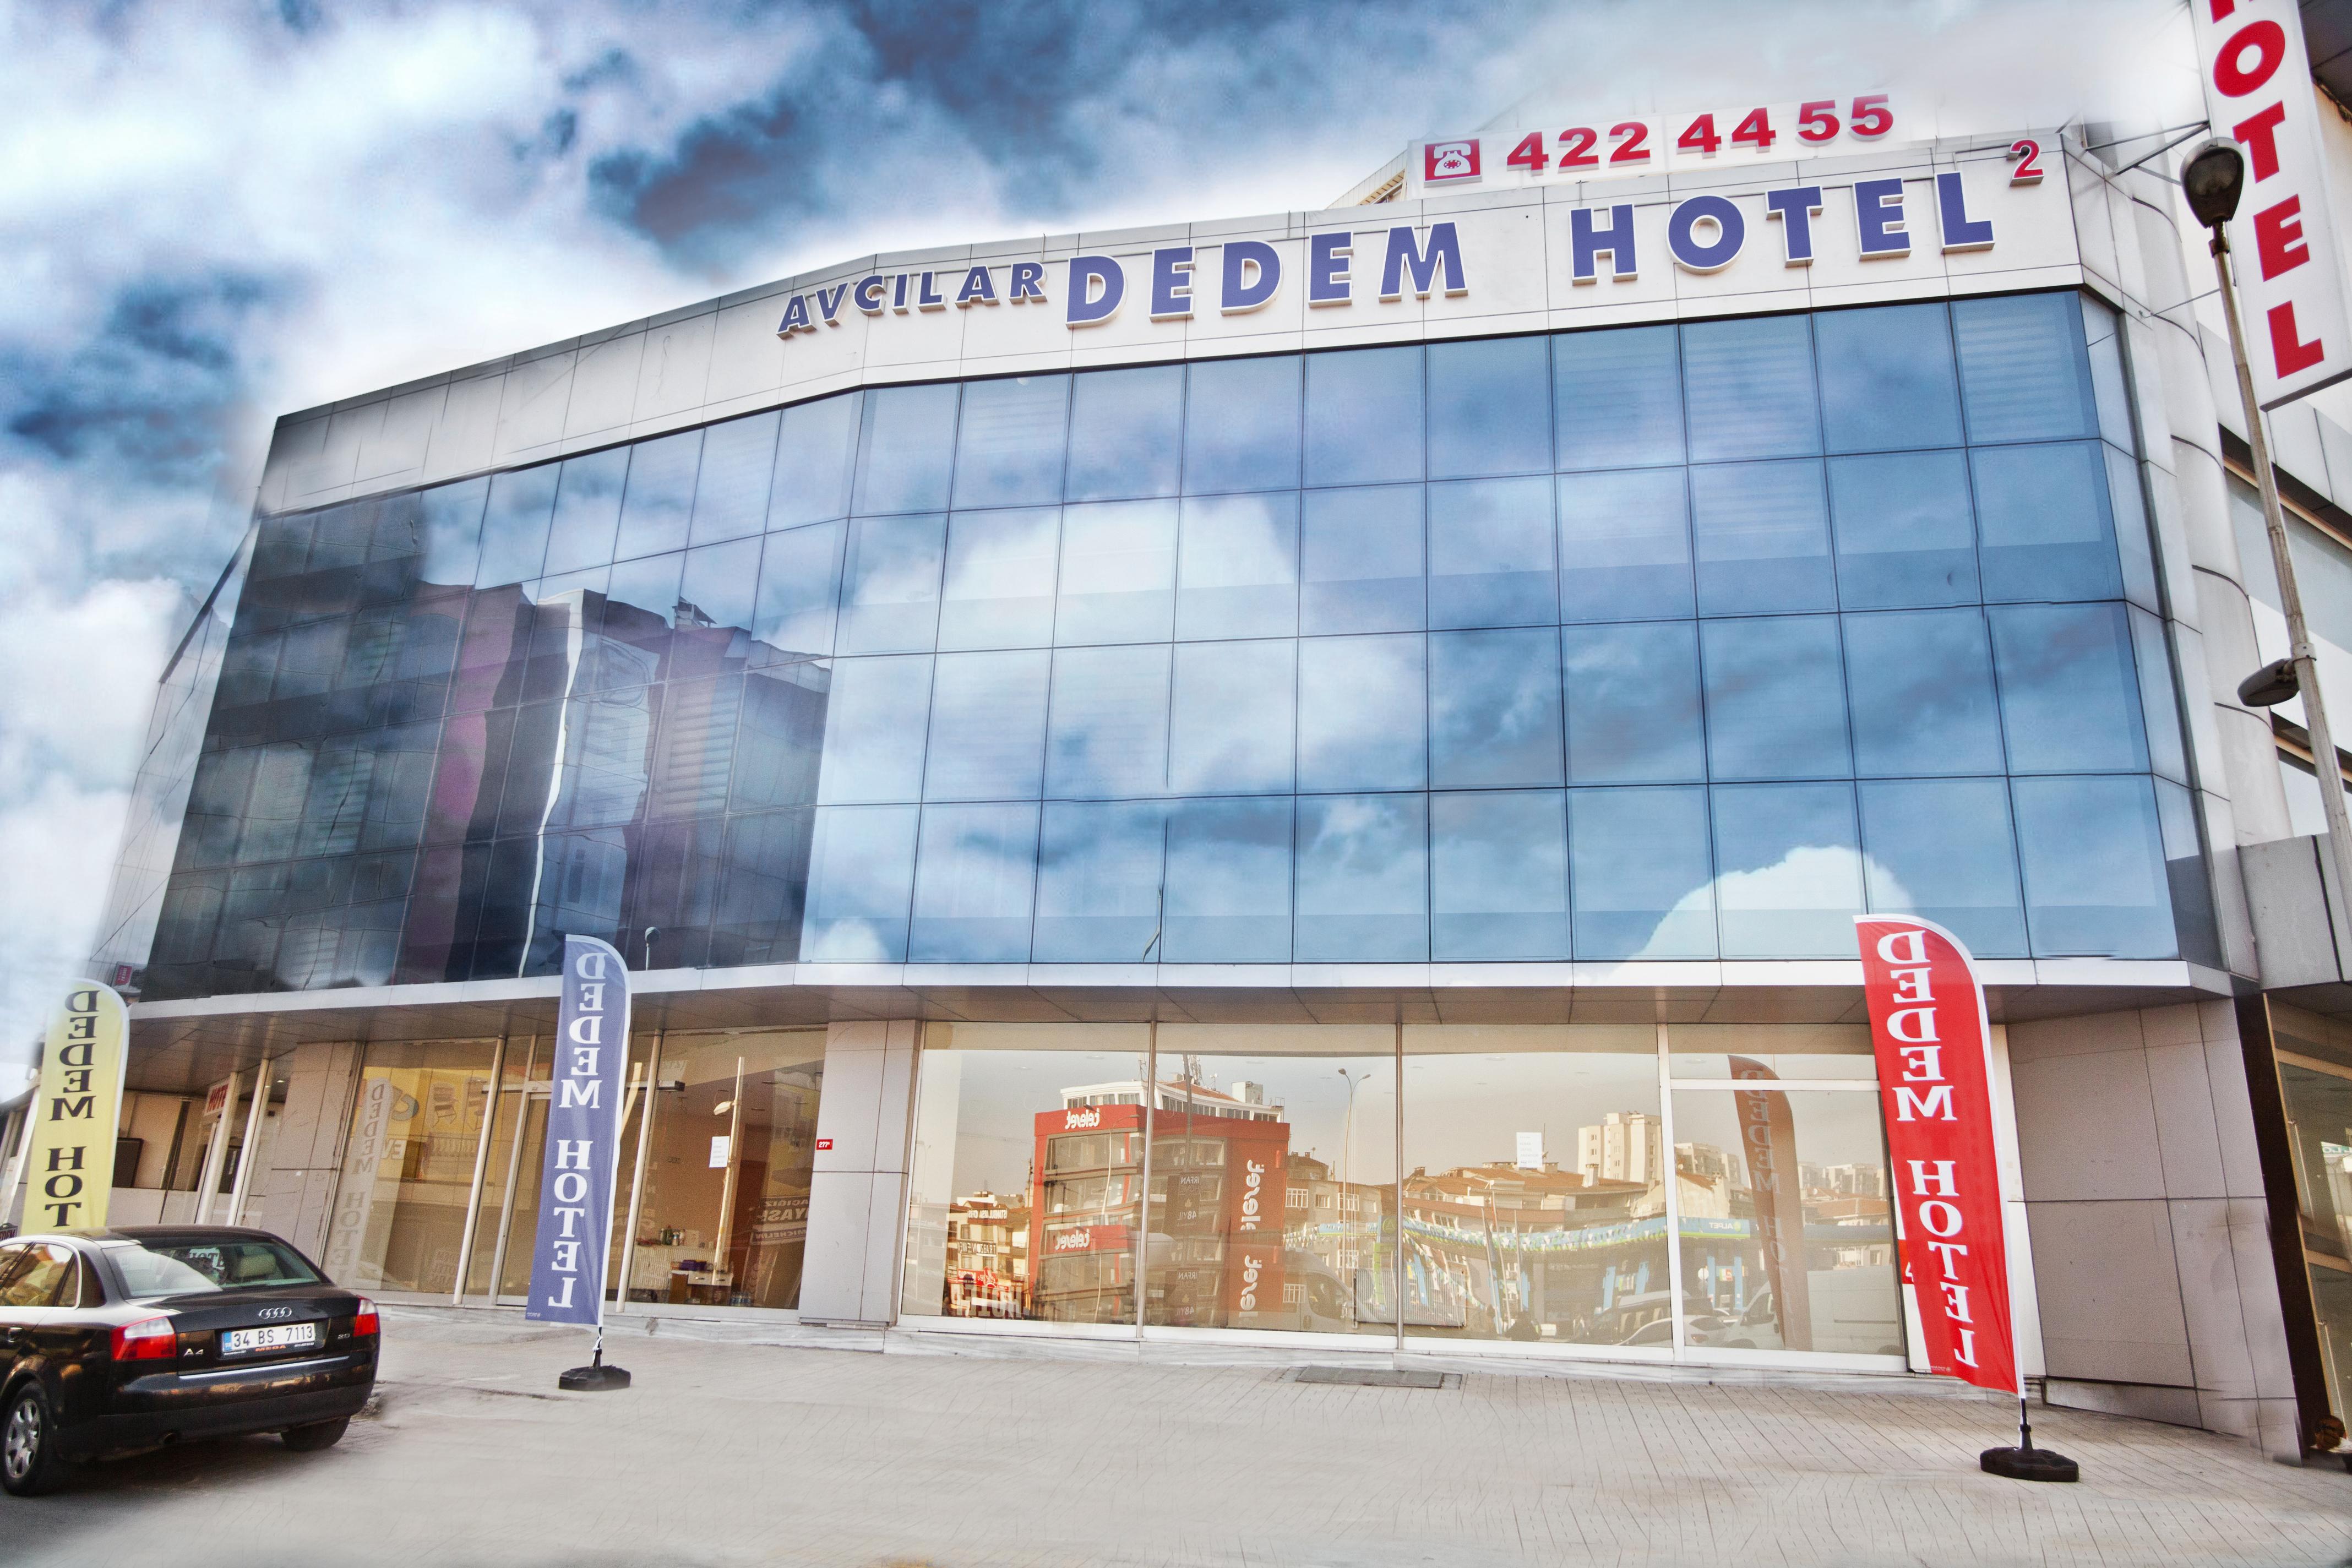 Avcilar Dedem Hotel